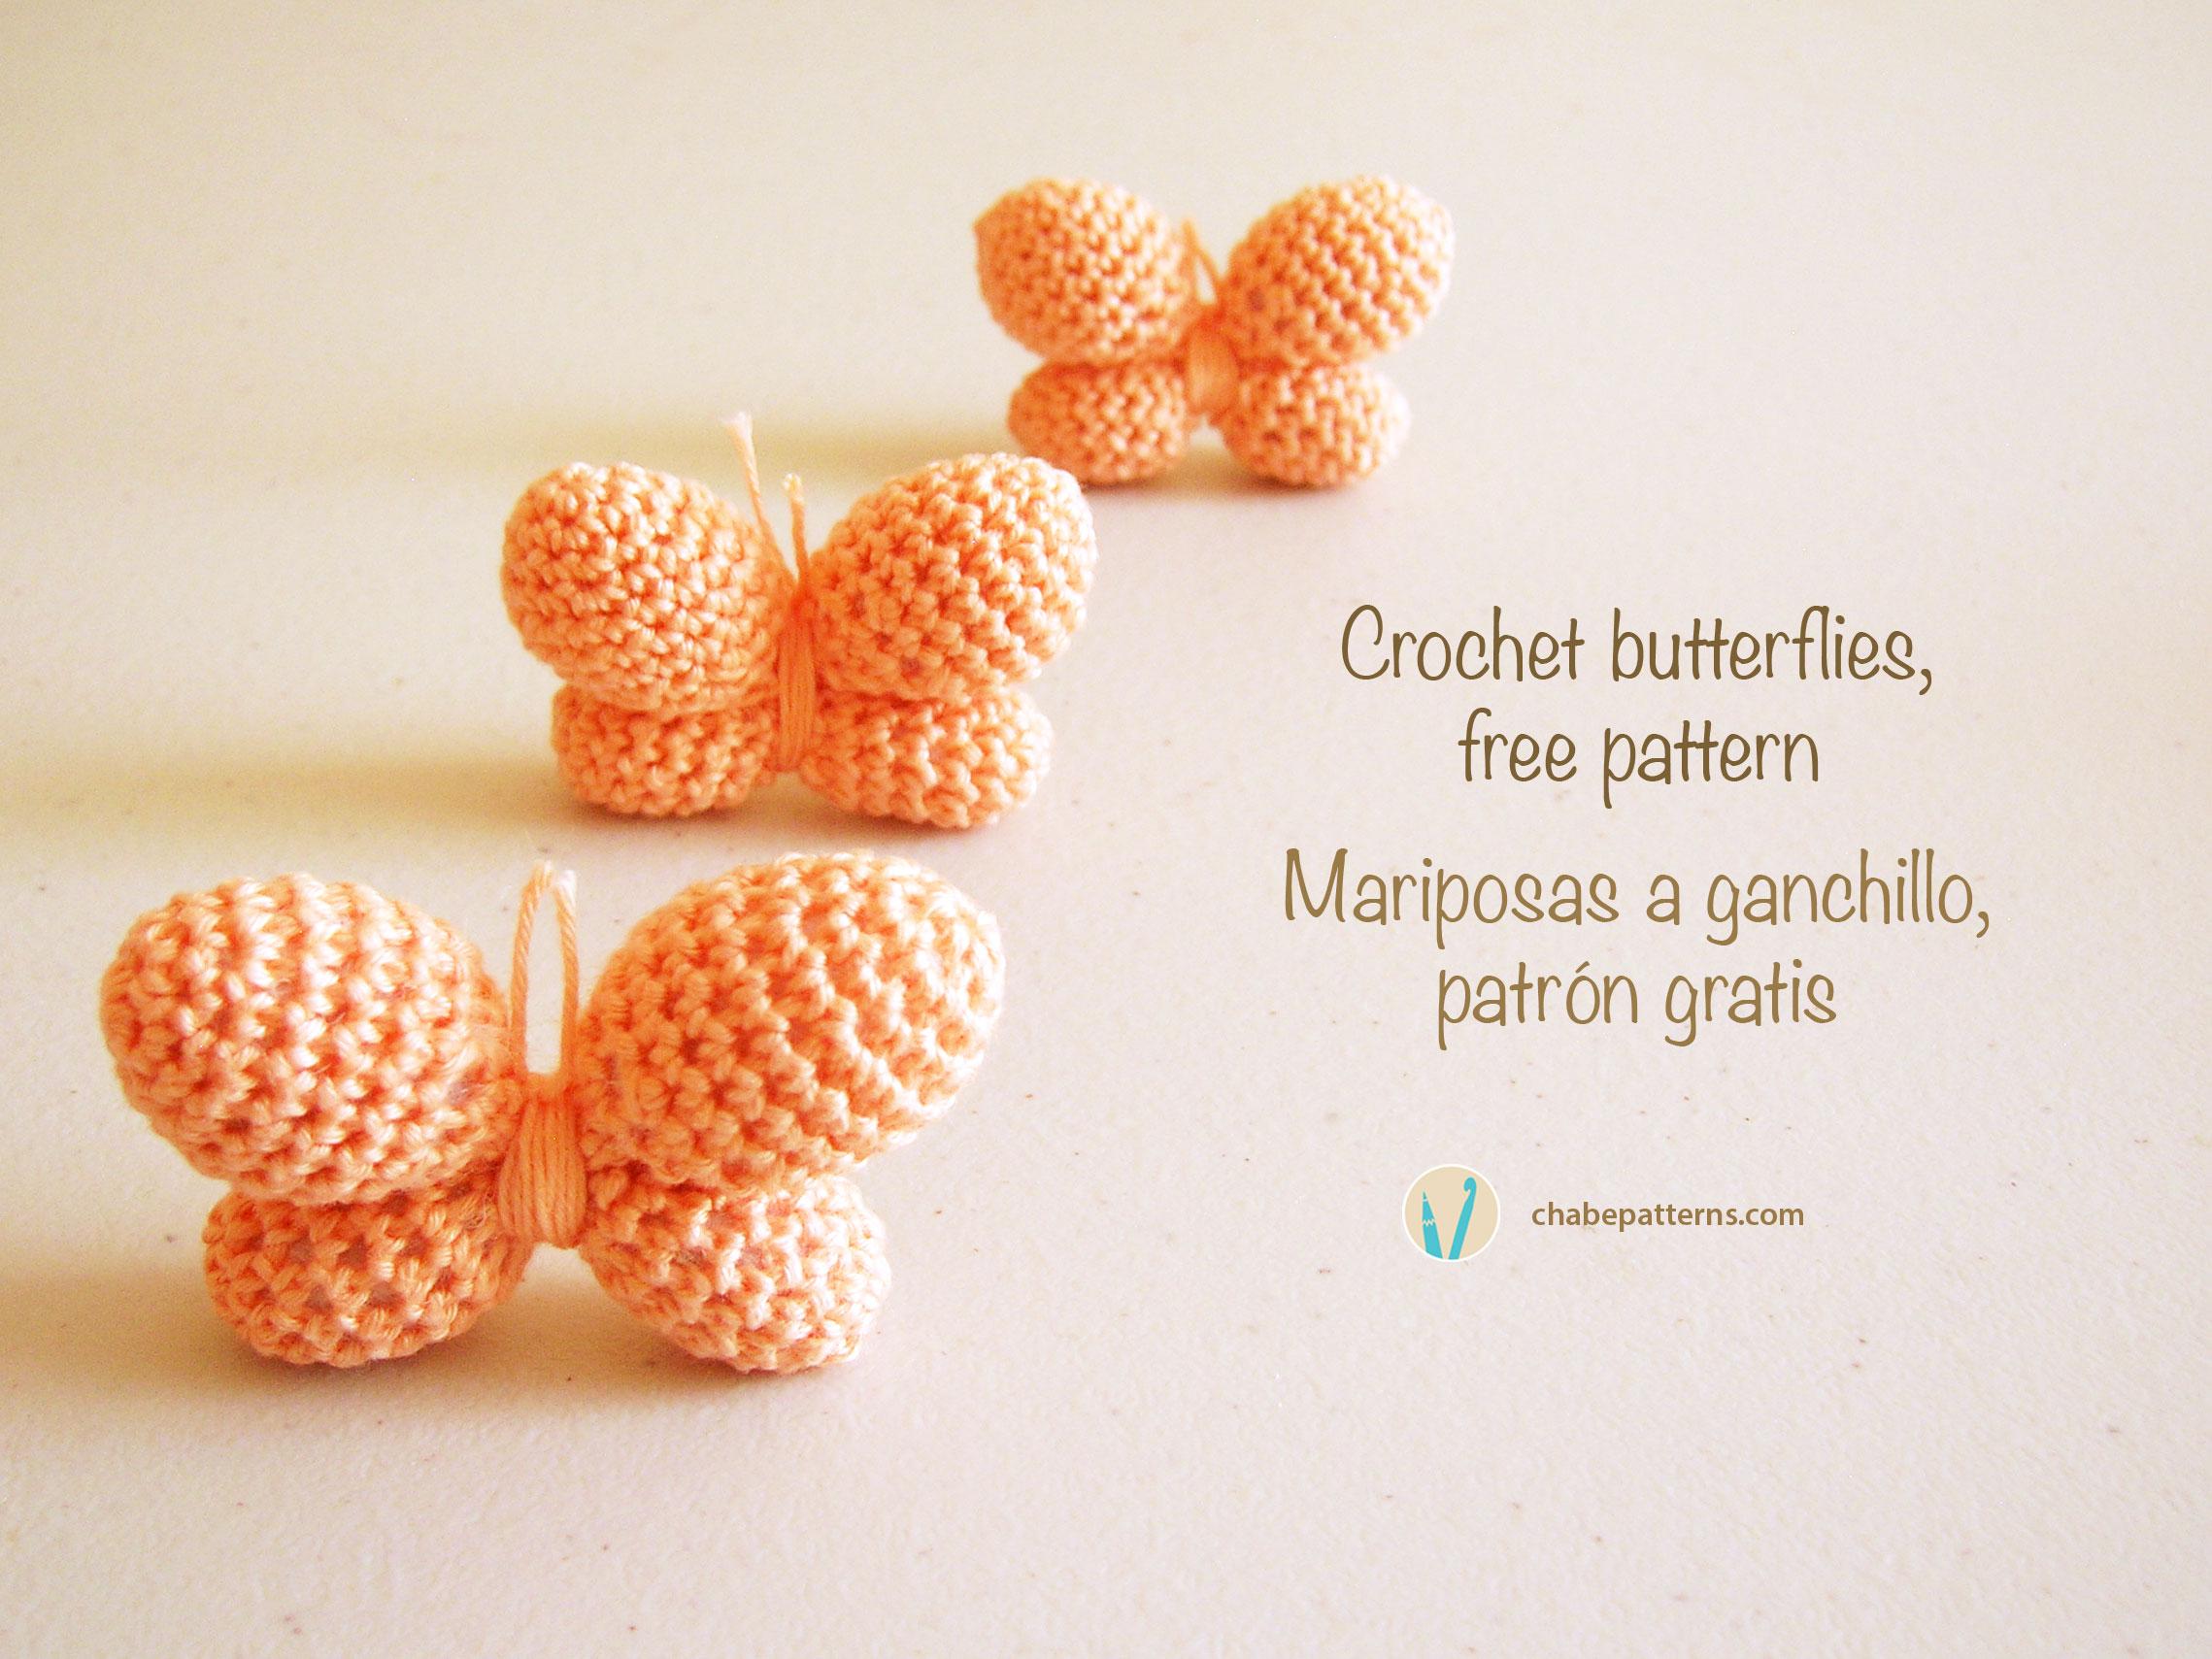 Crochet butterflies/ Mariposas a ganchillo